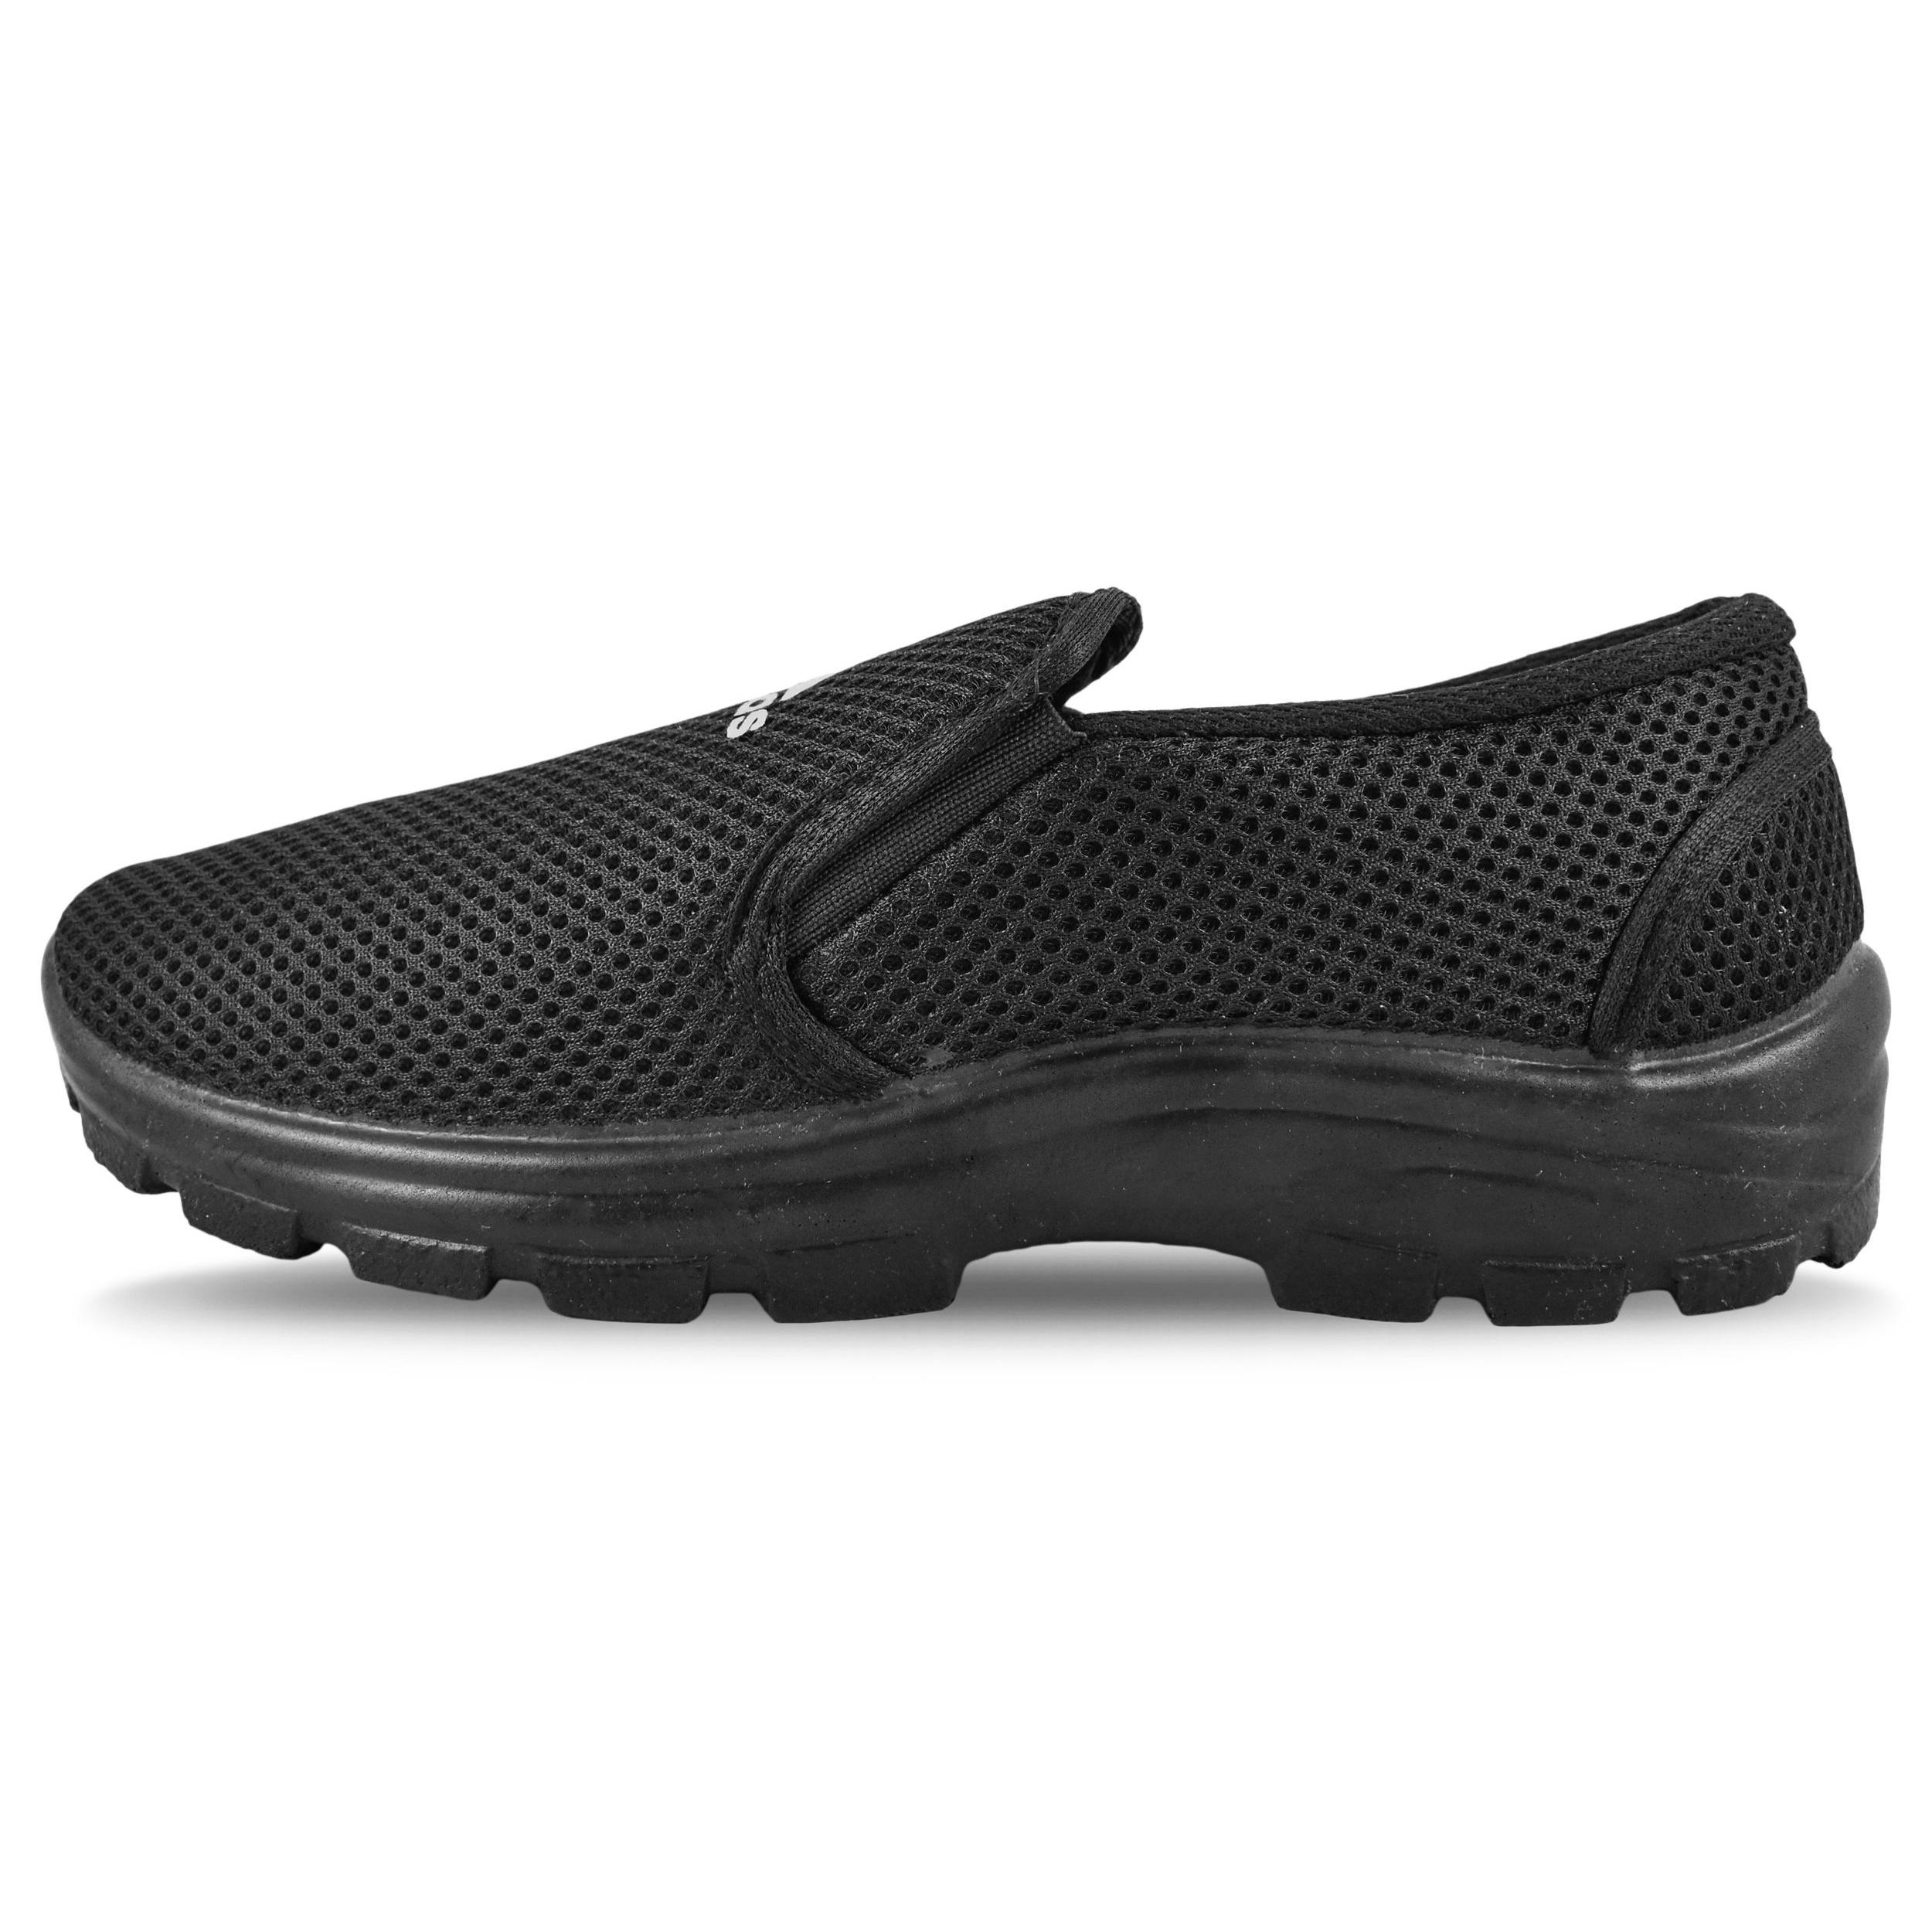 کفش مخصوص پیاده روی مردانه مدل راشل کد B5435 main 1 1